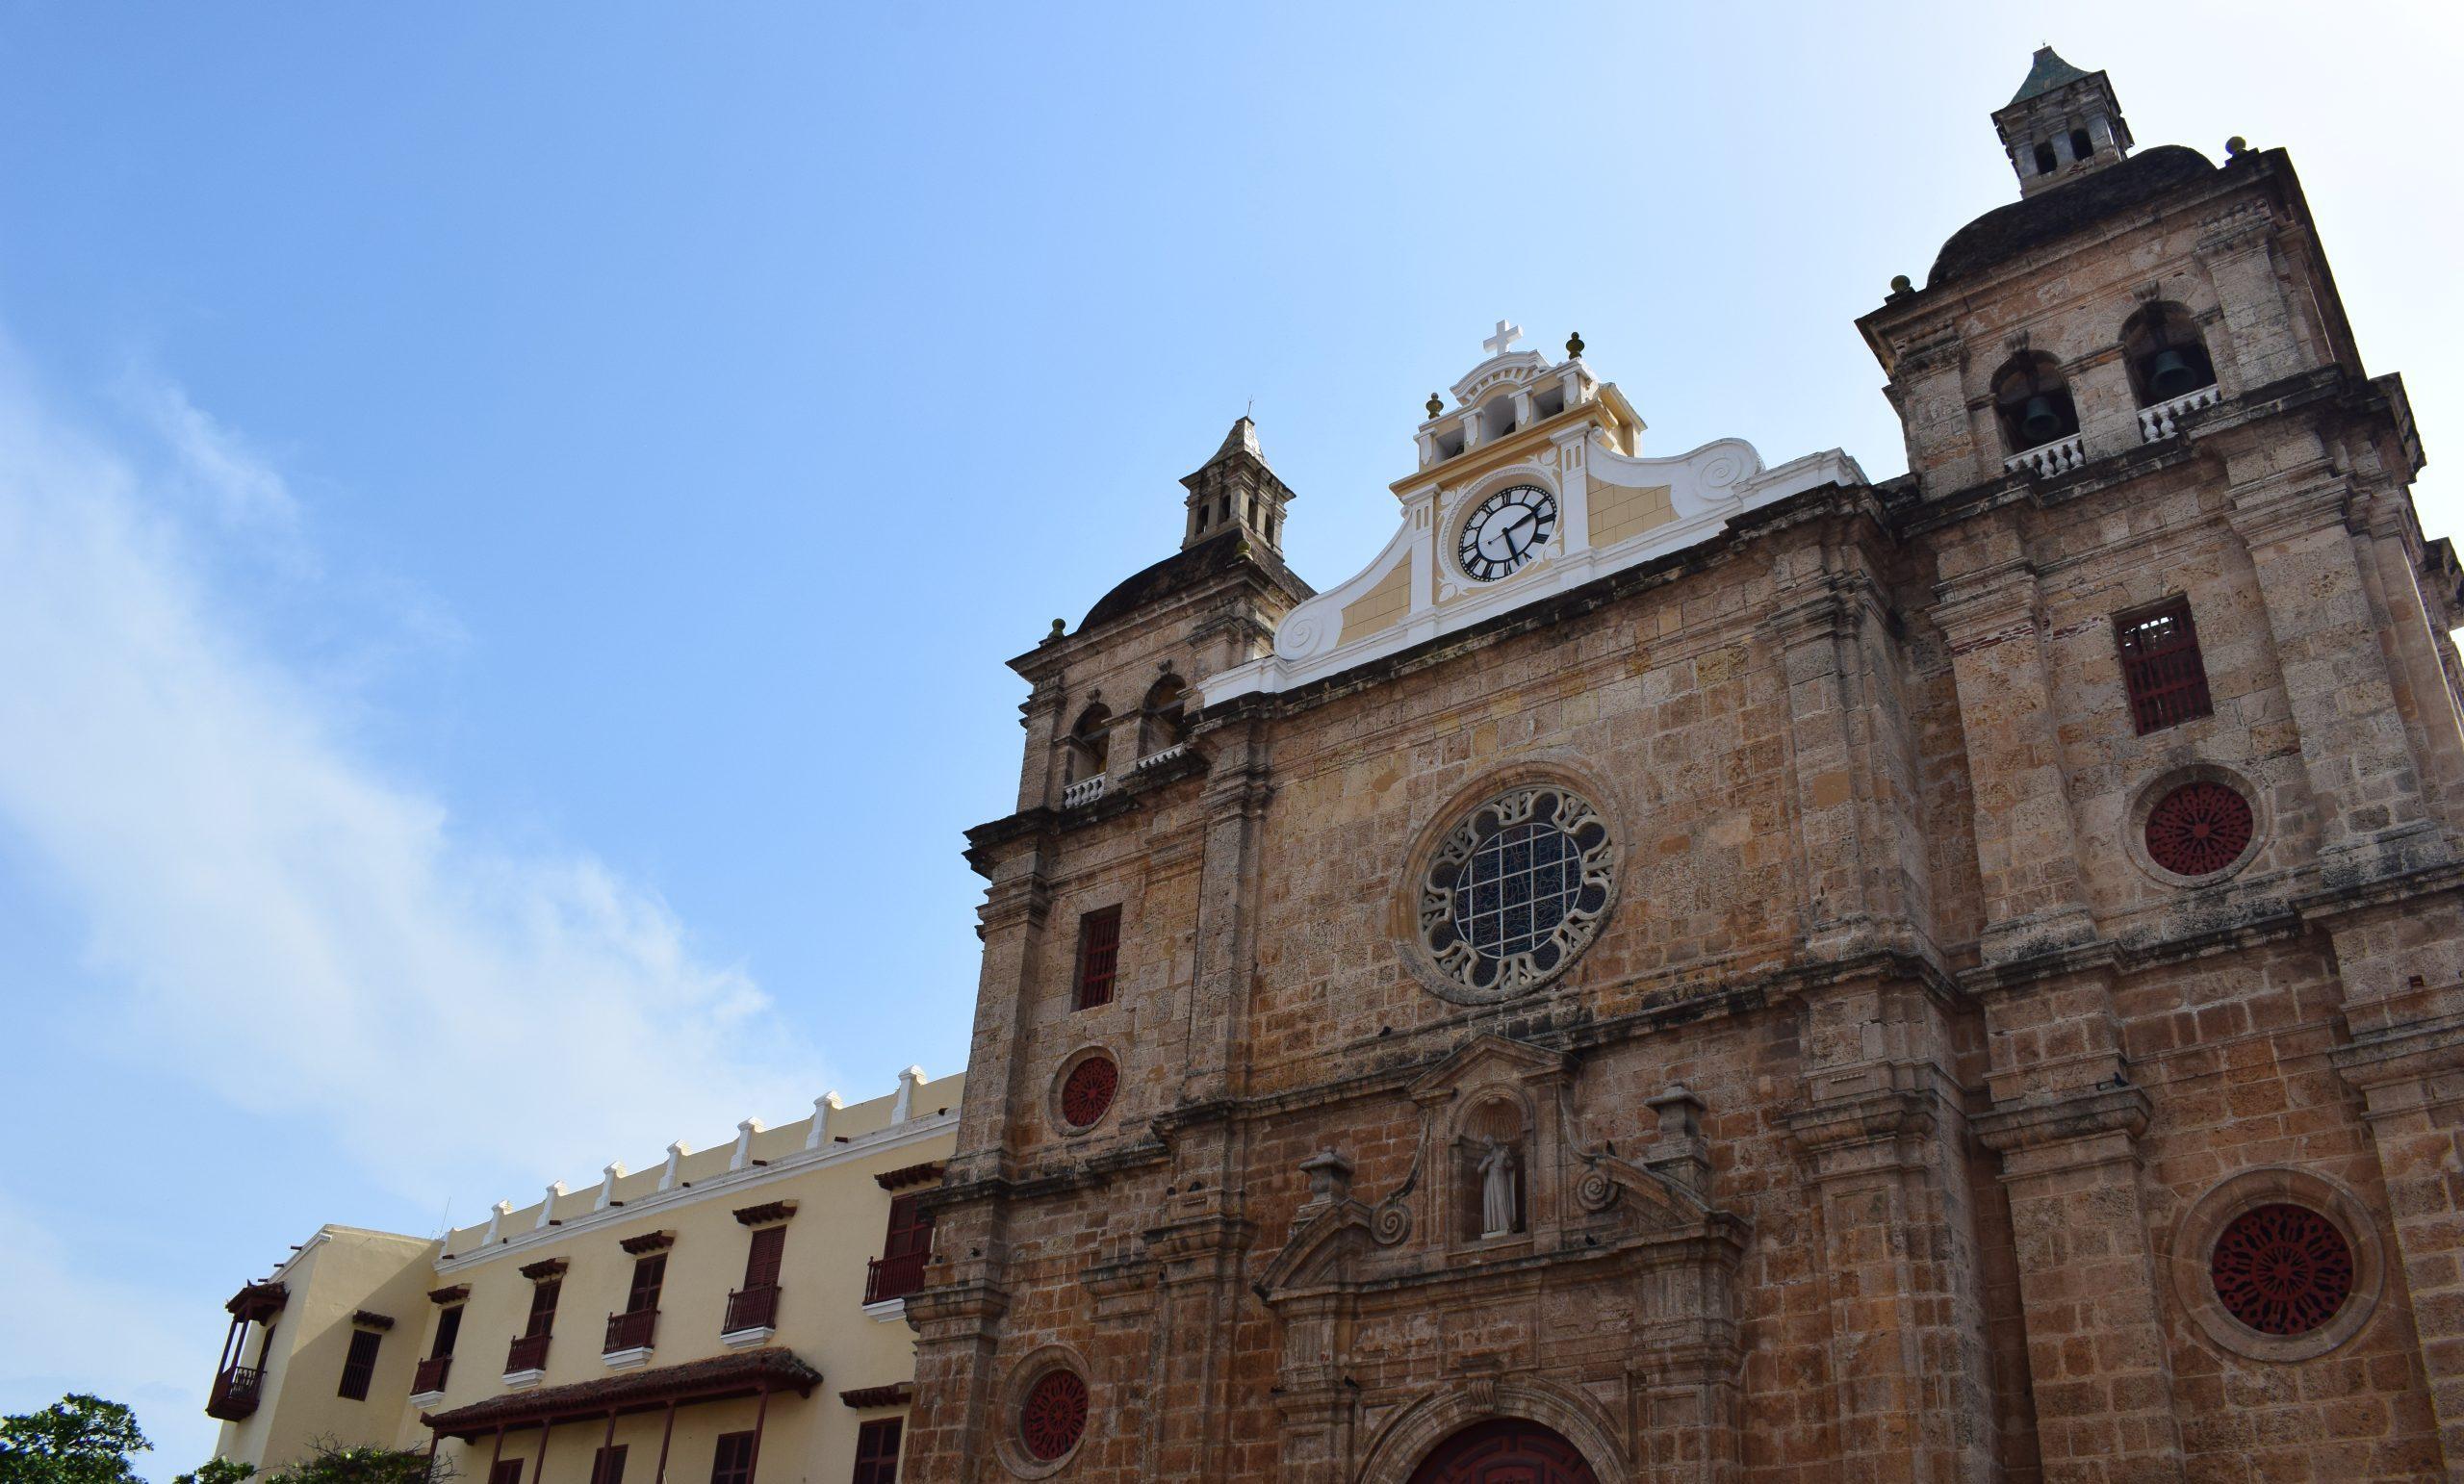 Mañana, vive el Domingo de Ramos con el Santuario de San Pedro Claver